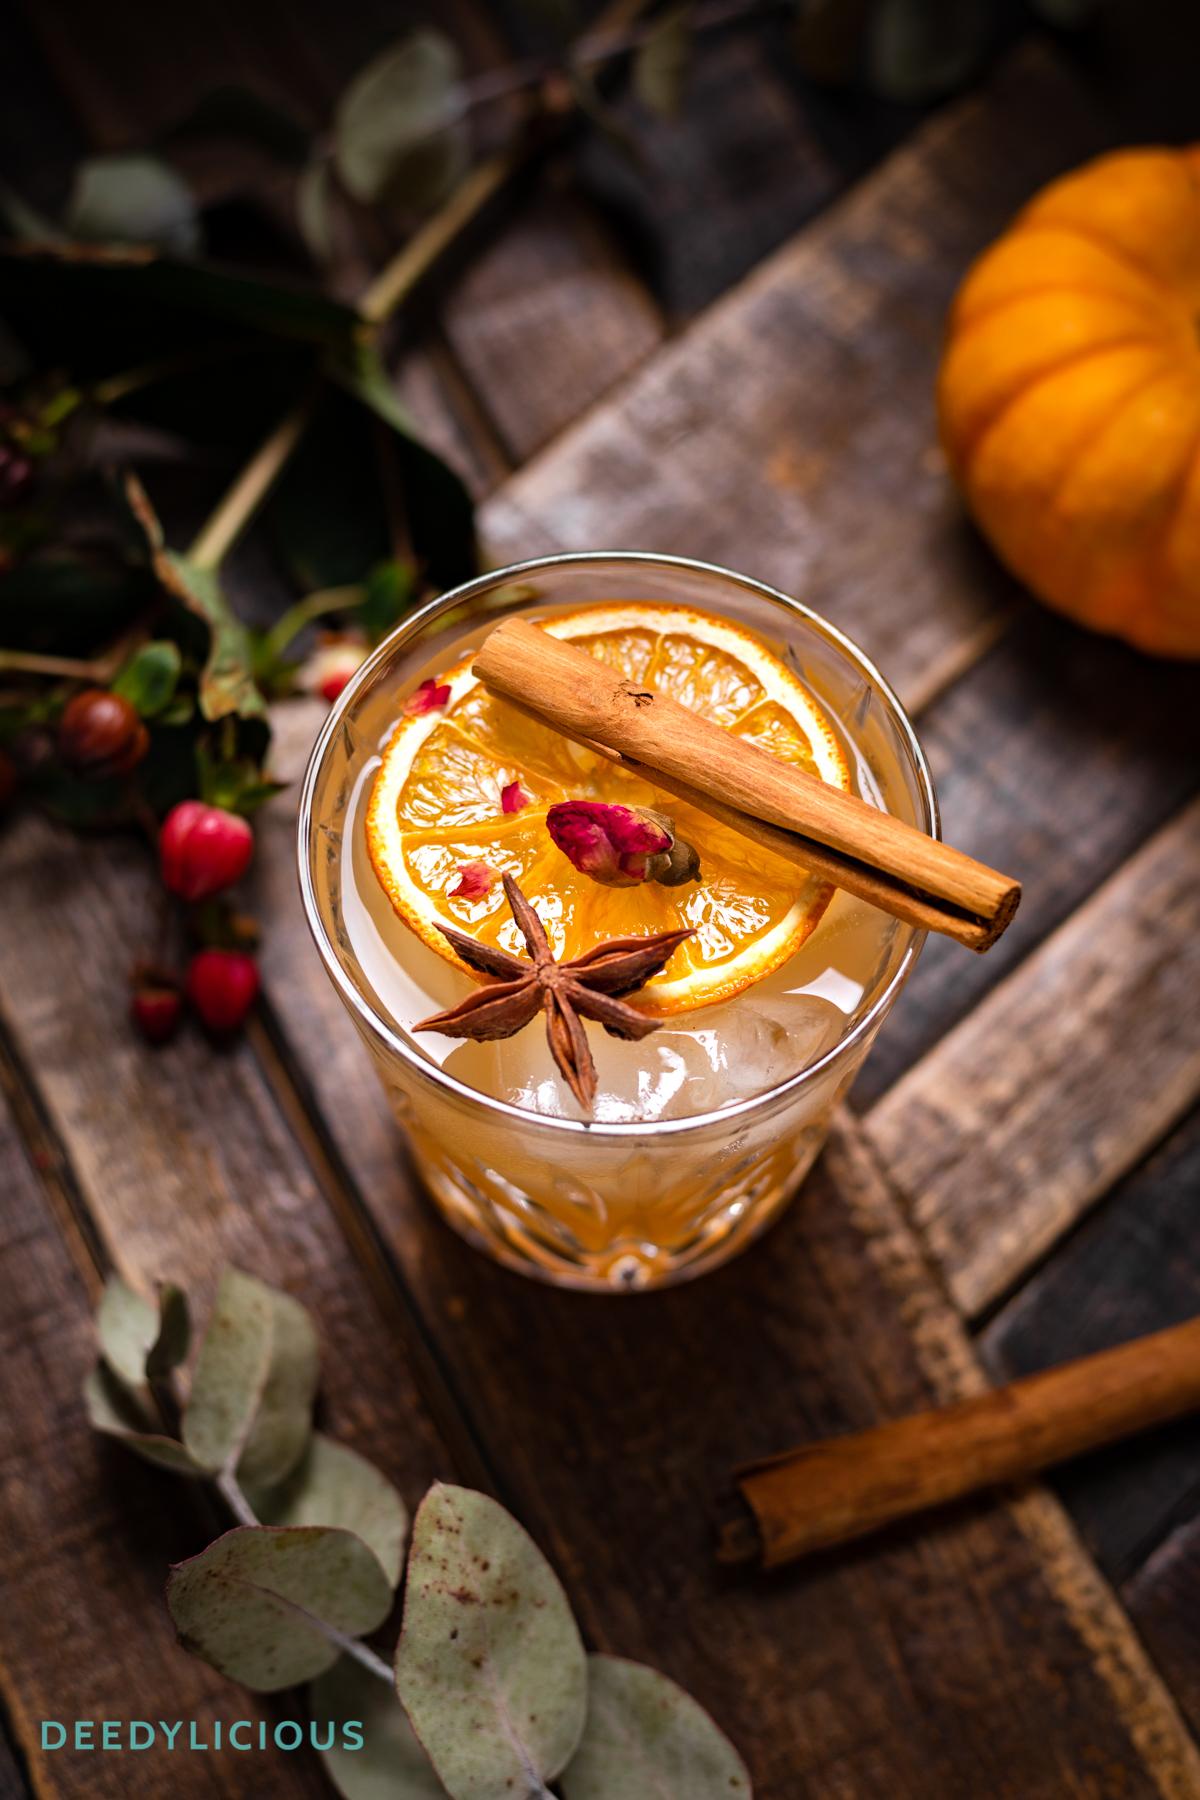 Glas met Pumpkin Spice Daiquiri cocktail met kaneelstokje bovenop